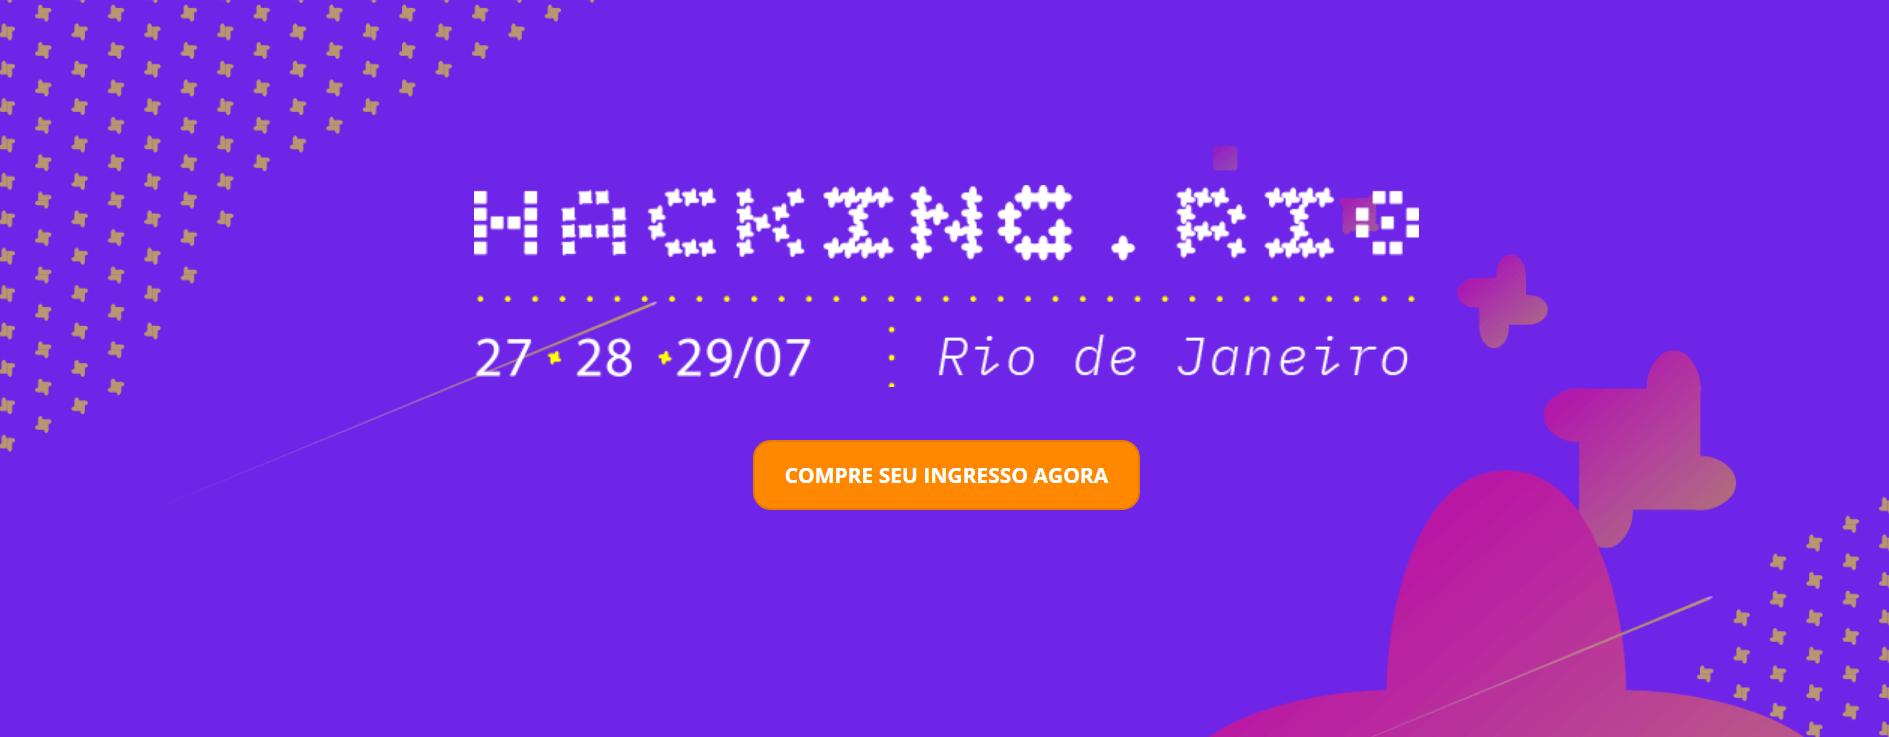 Convidamos-lhe para participar no Hacking.Rio Hackthon, amaior maratona de hackers hitechs, especialistas em tecnologia, design e business, unidos para gerarem soluções de alto impacto para os desafios reais da sociedade e do mercado do Rio de Janeiro.